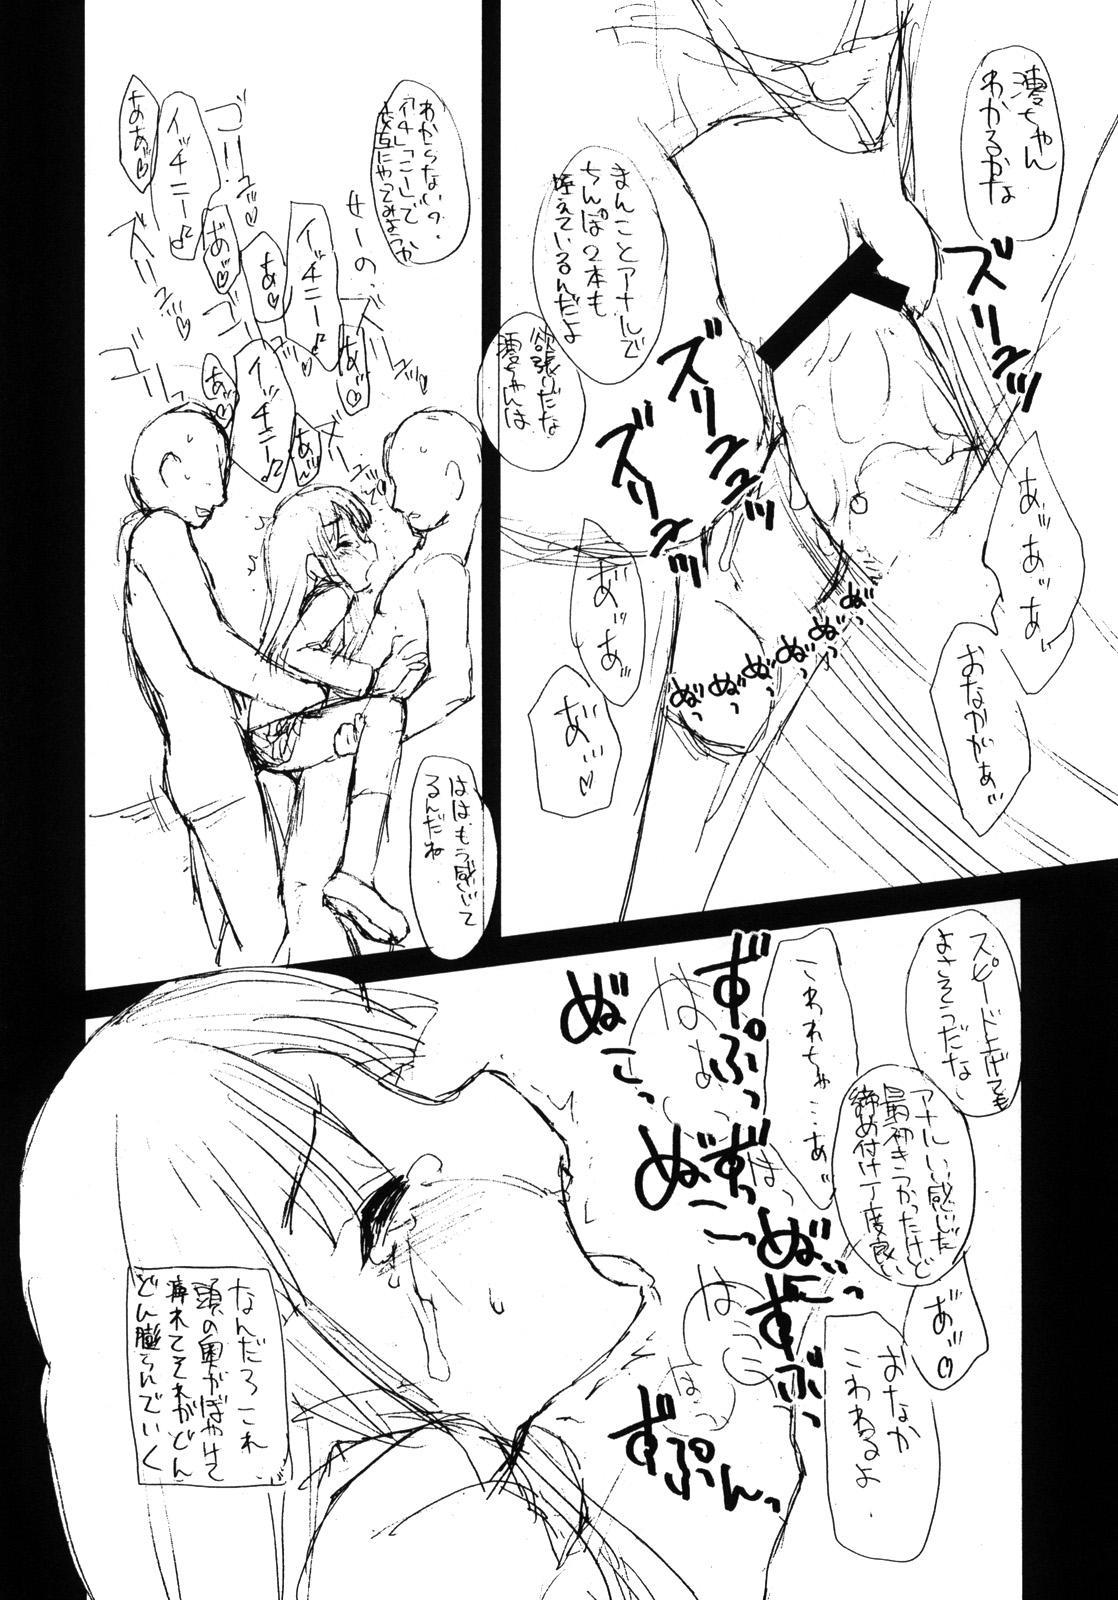 Mio no Onaka ni Dopyu Dopyu Shite Seieki Zuke ni Suru Hon 20